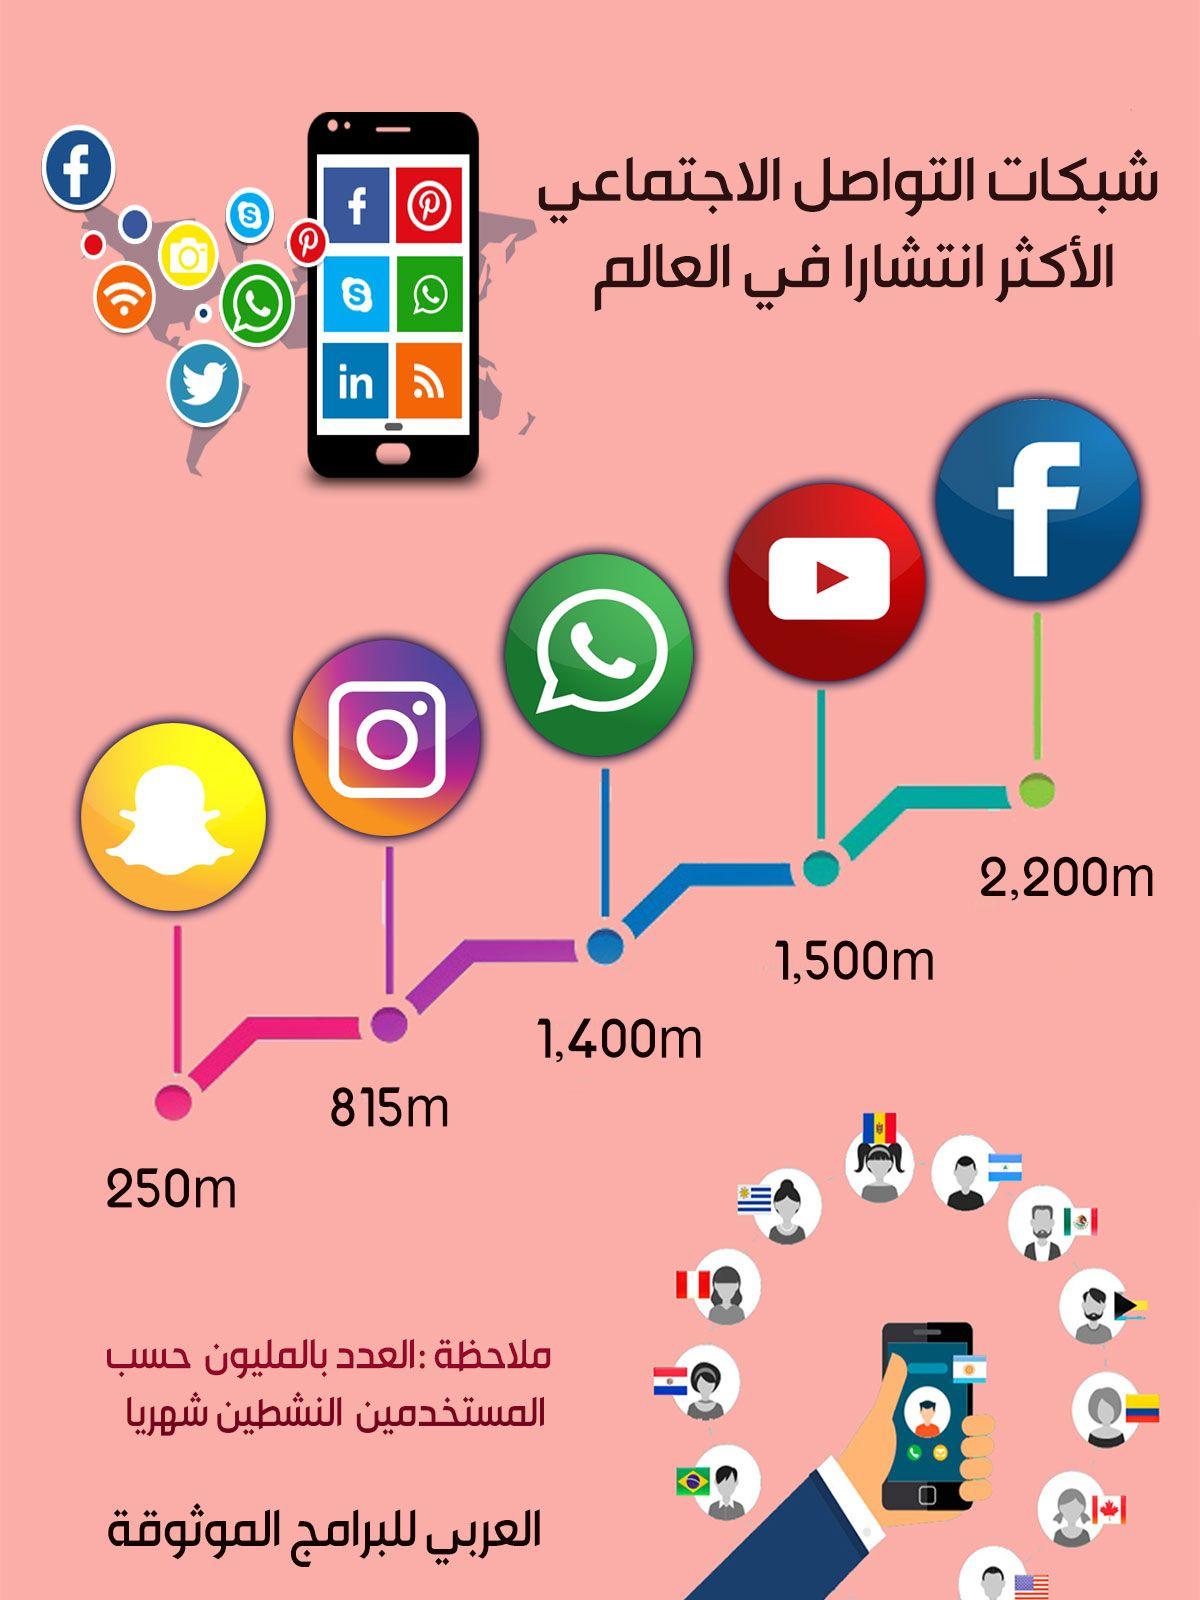 شبكات التواصل الاجتماعي الأكثر انتشارا في العالم 400m 200m